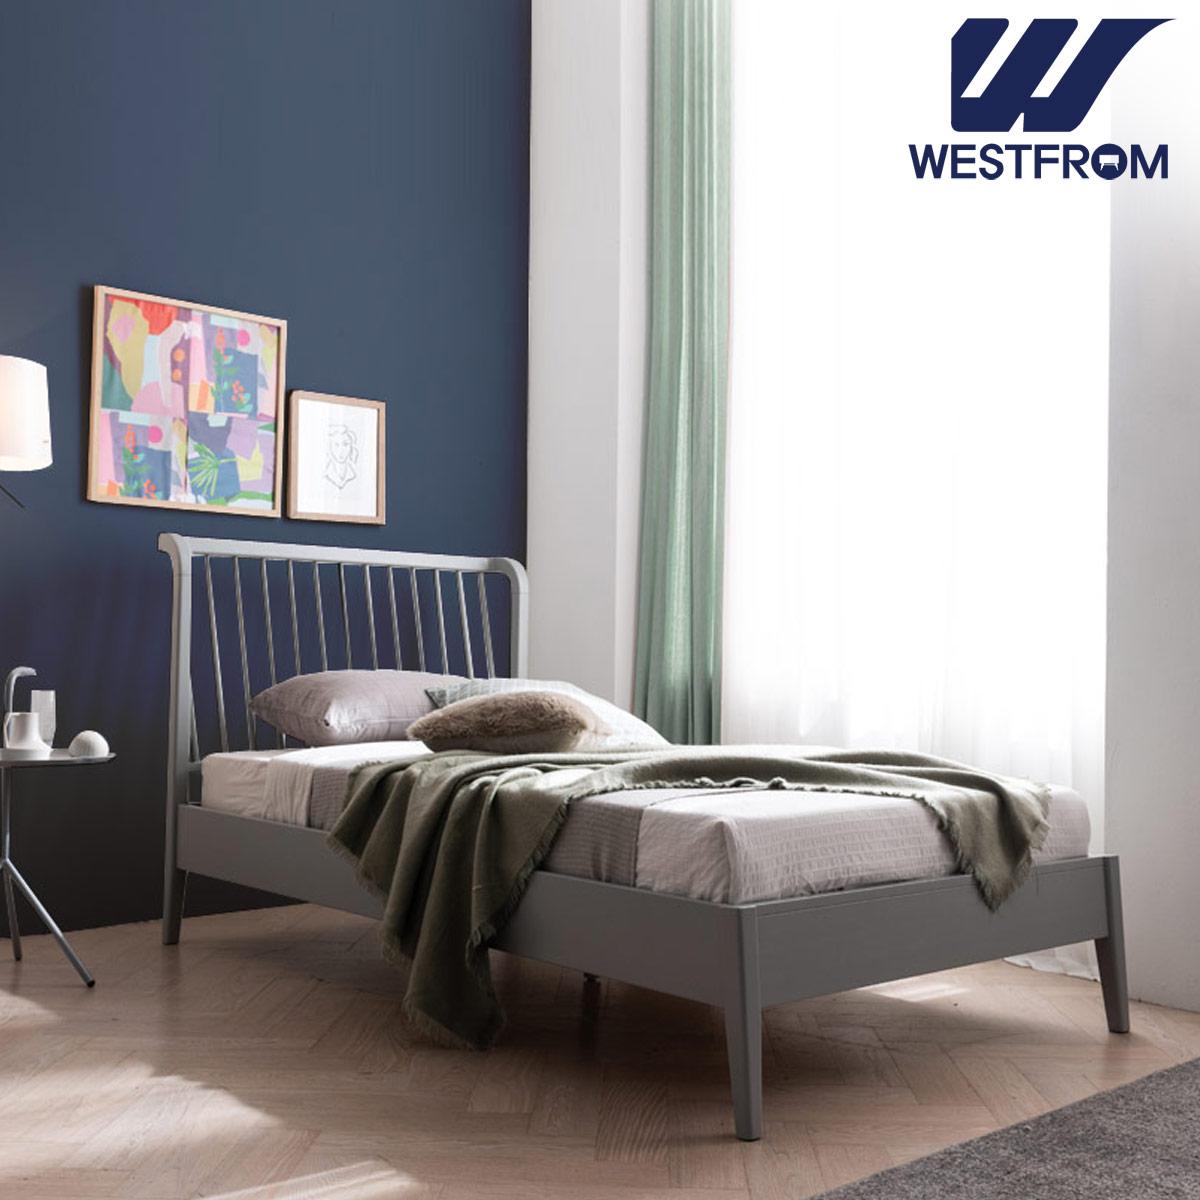 [웨스트프롬] 모던 잉그리드) 원목 평상형 침대(SS) / 클라우드 Top F1 SS 매트리스